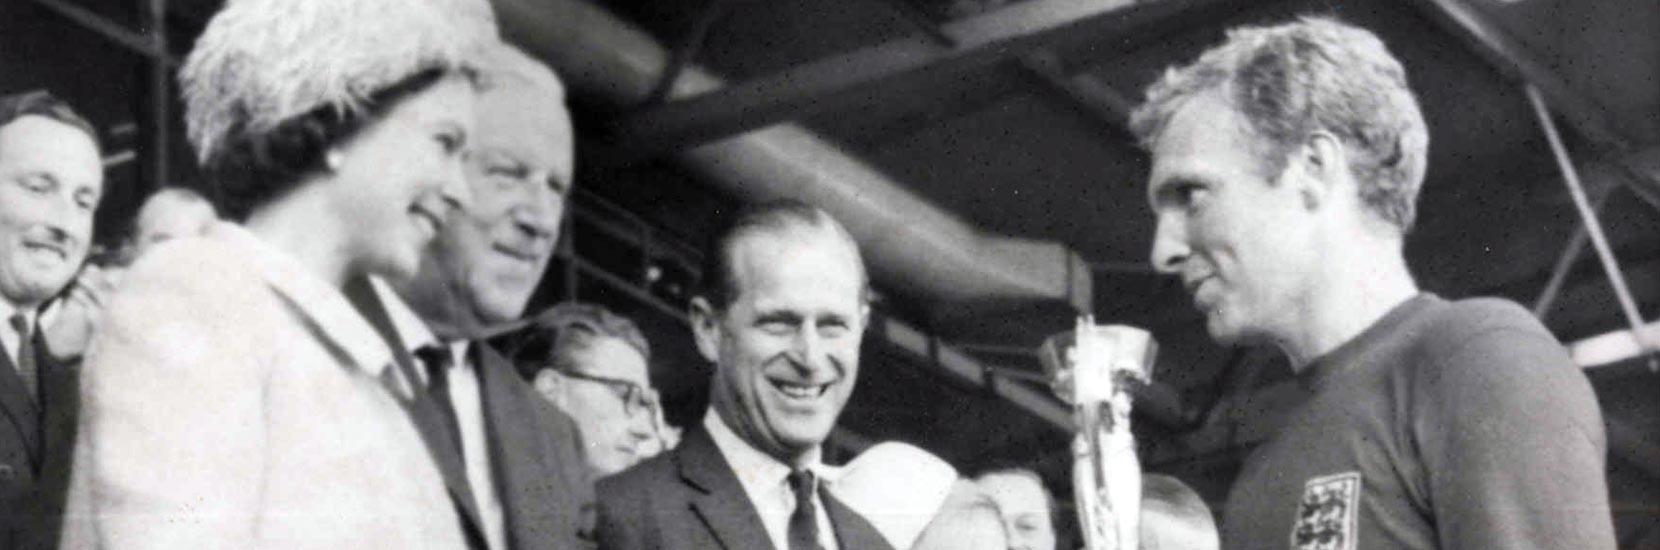 1966 İngiltere: Afrika boykot etti, İngiltere kazandı